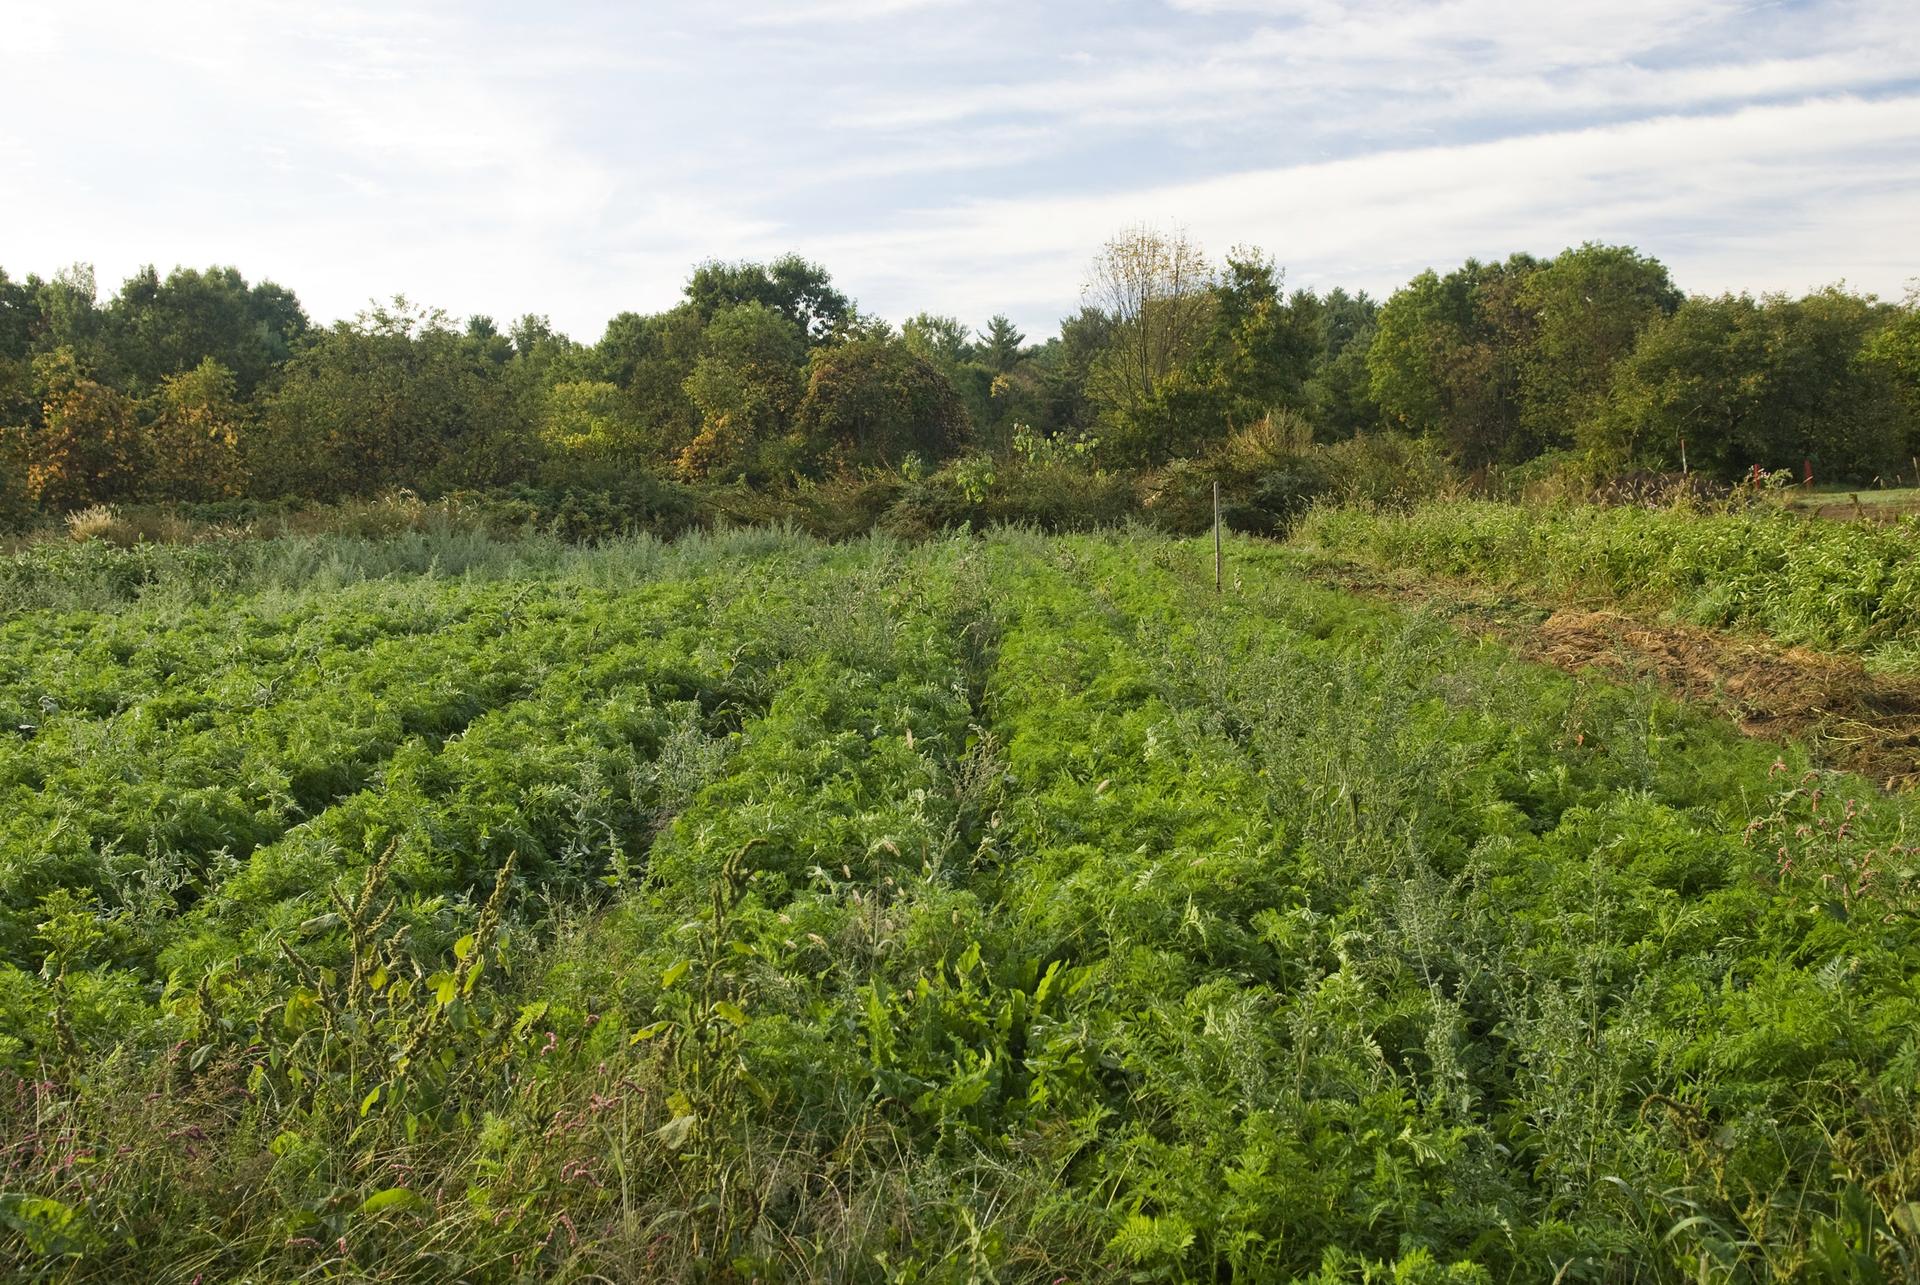 Fotografia przedstawia fragment pola uprawnego. Miedzy rzędami jasnozielonej marchwi rosną szarozielone, wysokie lebiody (chwasty).